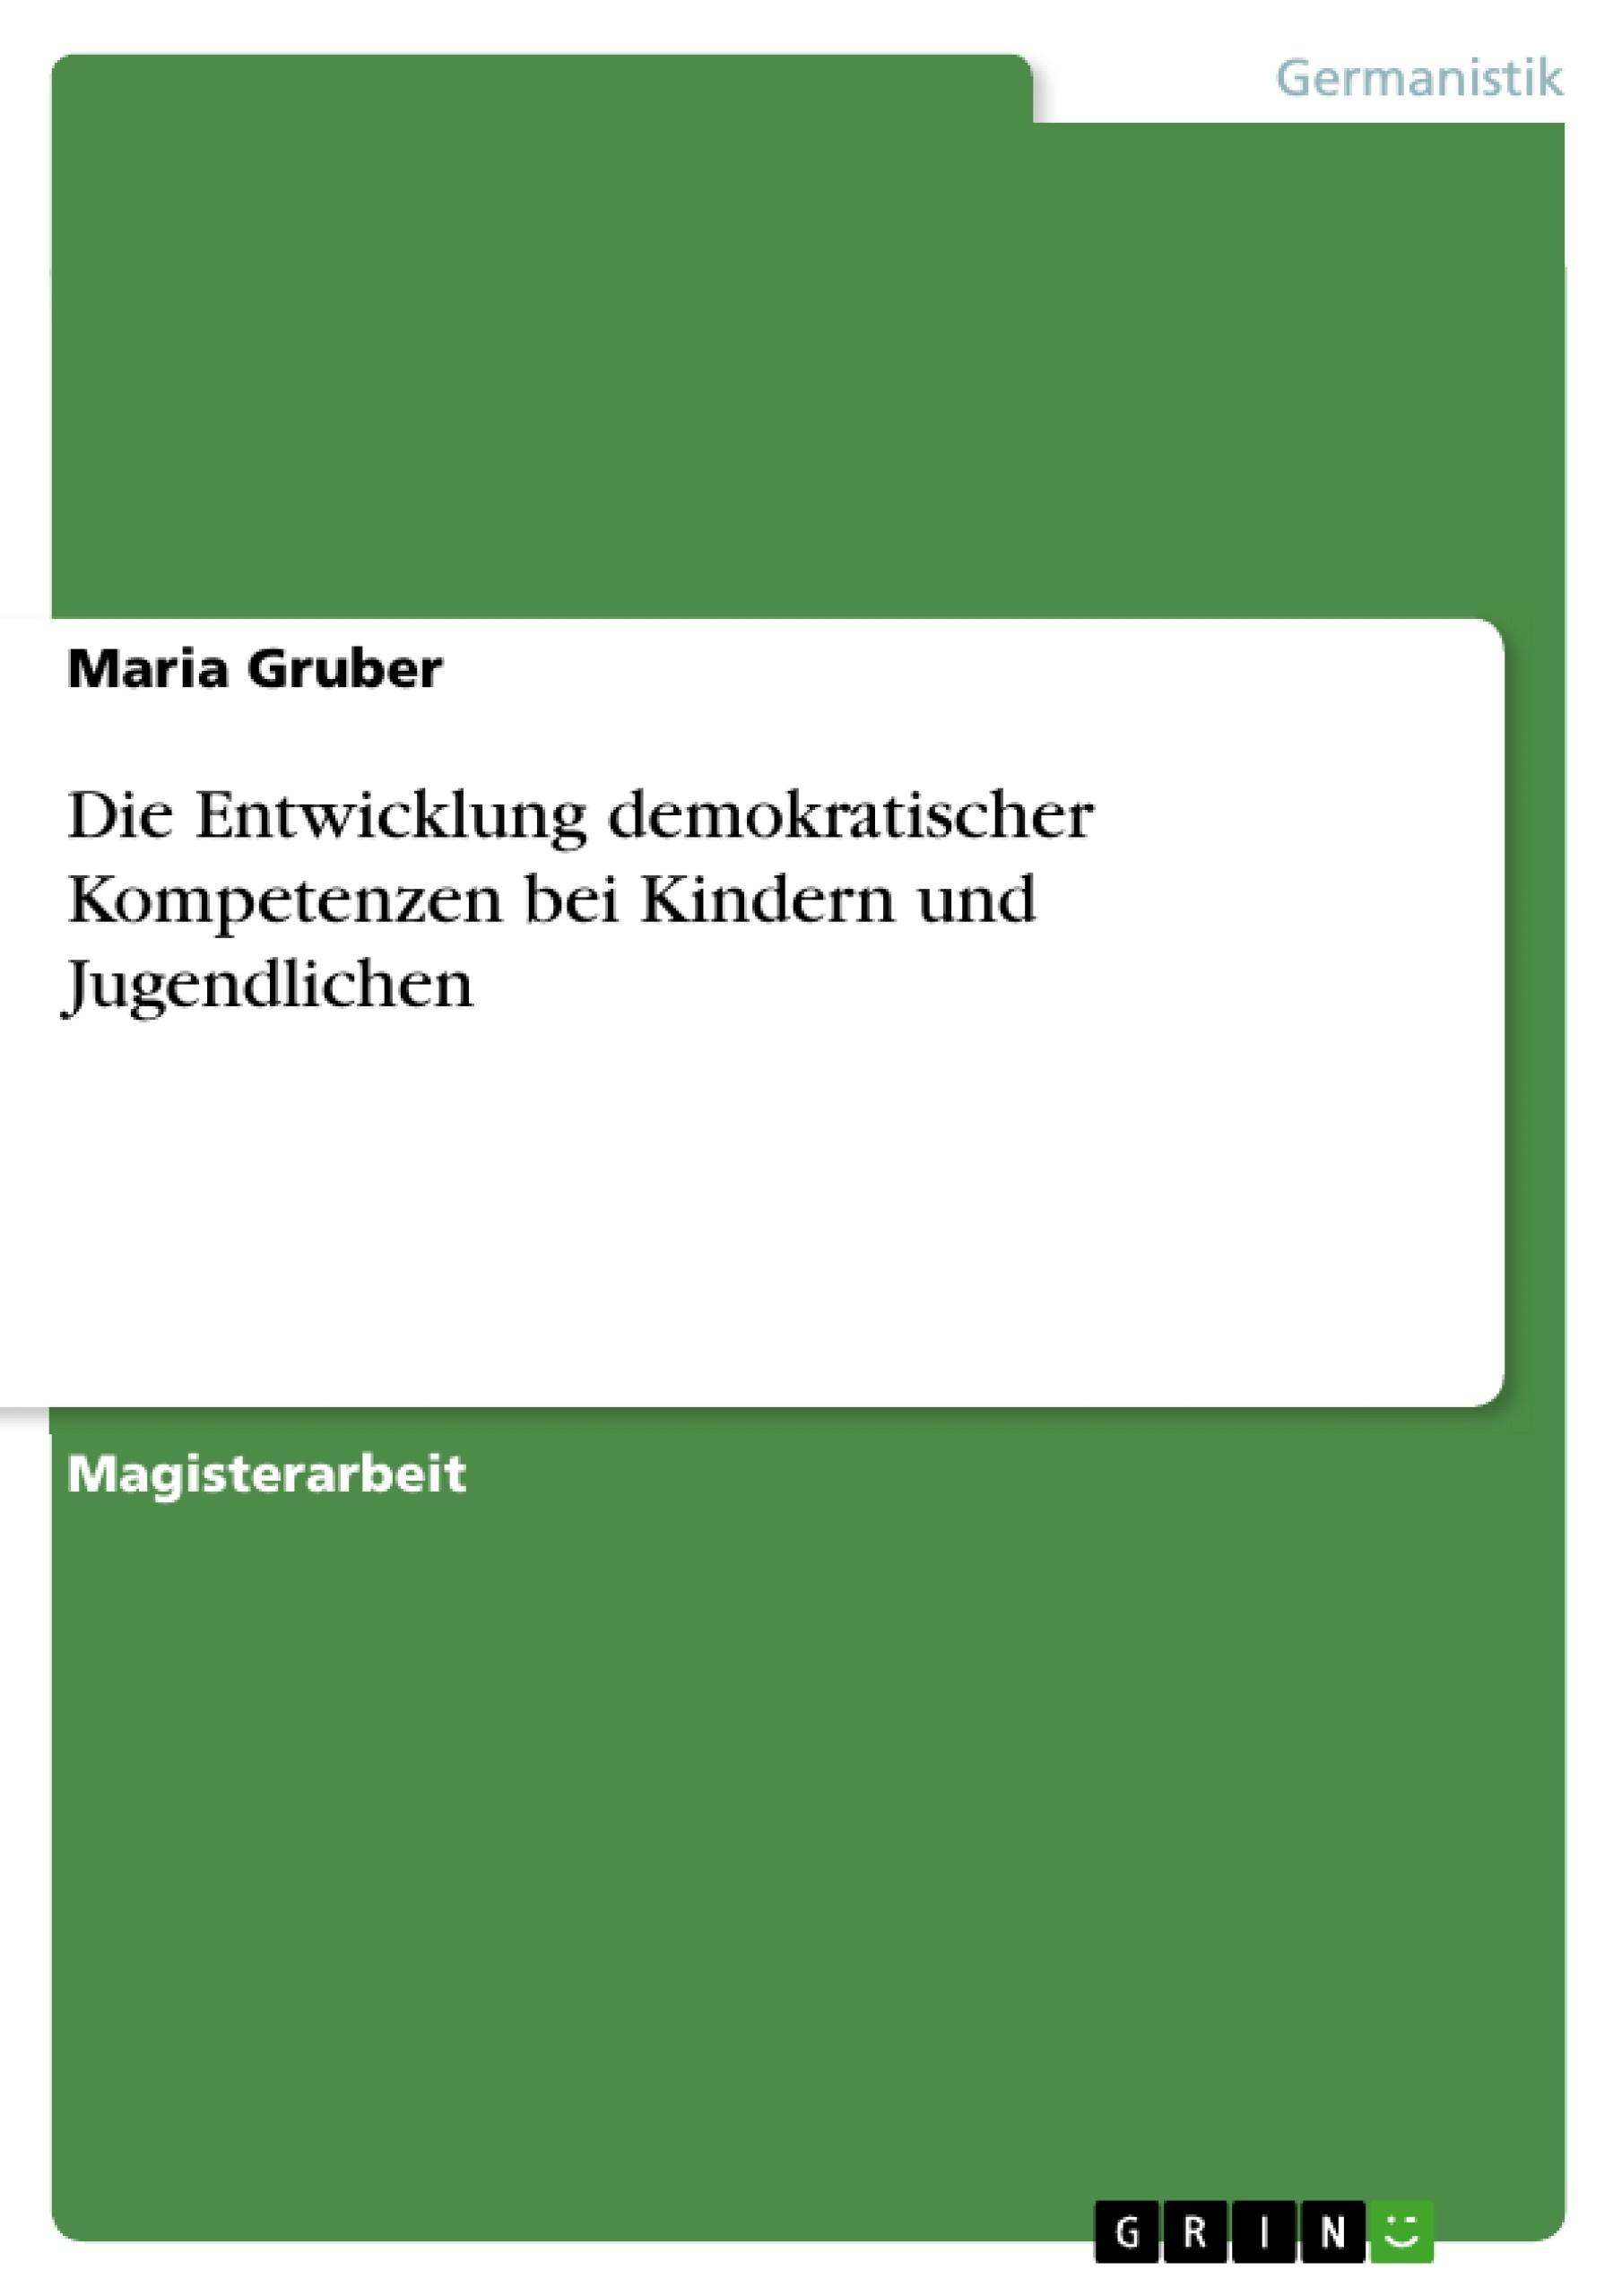 Titel: Die Entwicklung demokratischer Kompetenzen bei Kindern und Jugendlichen